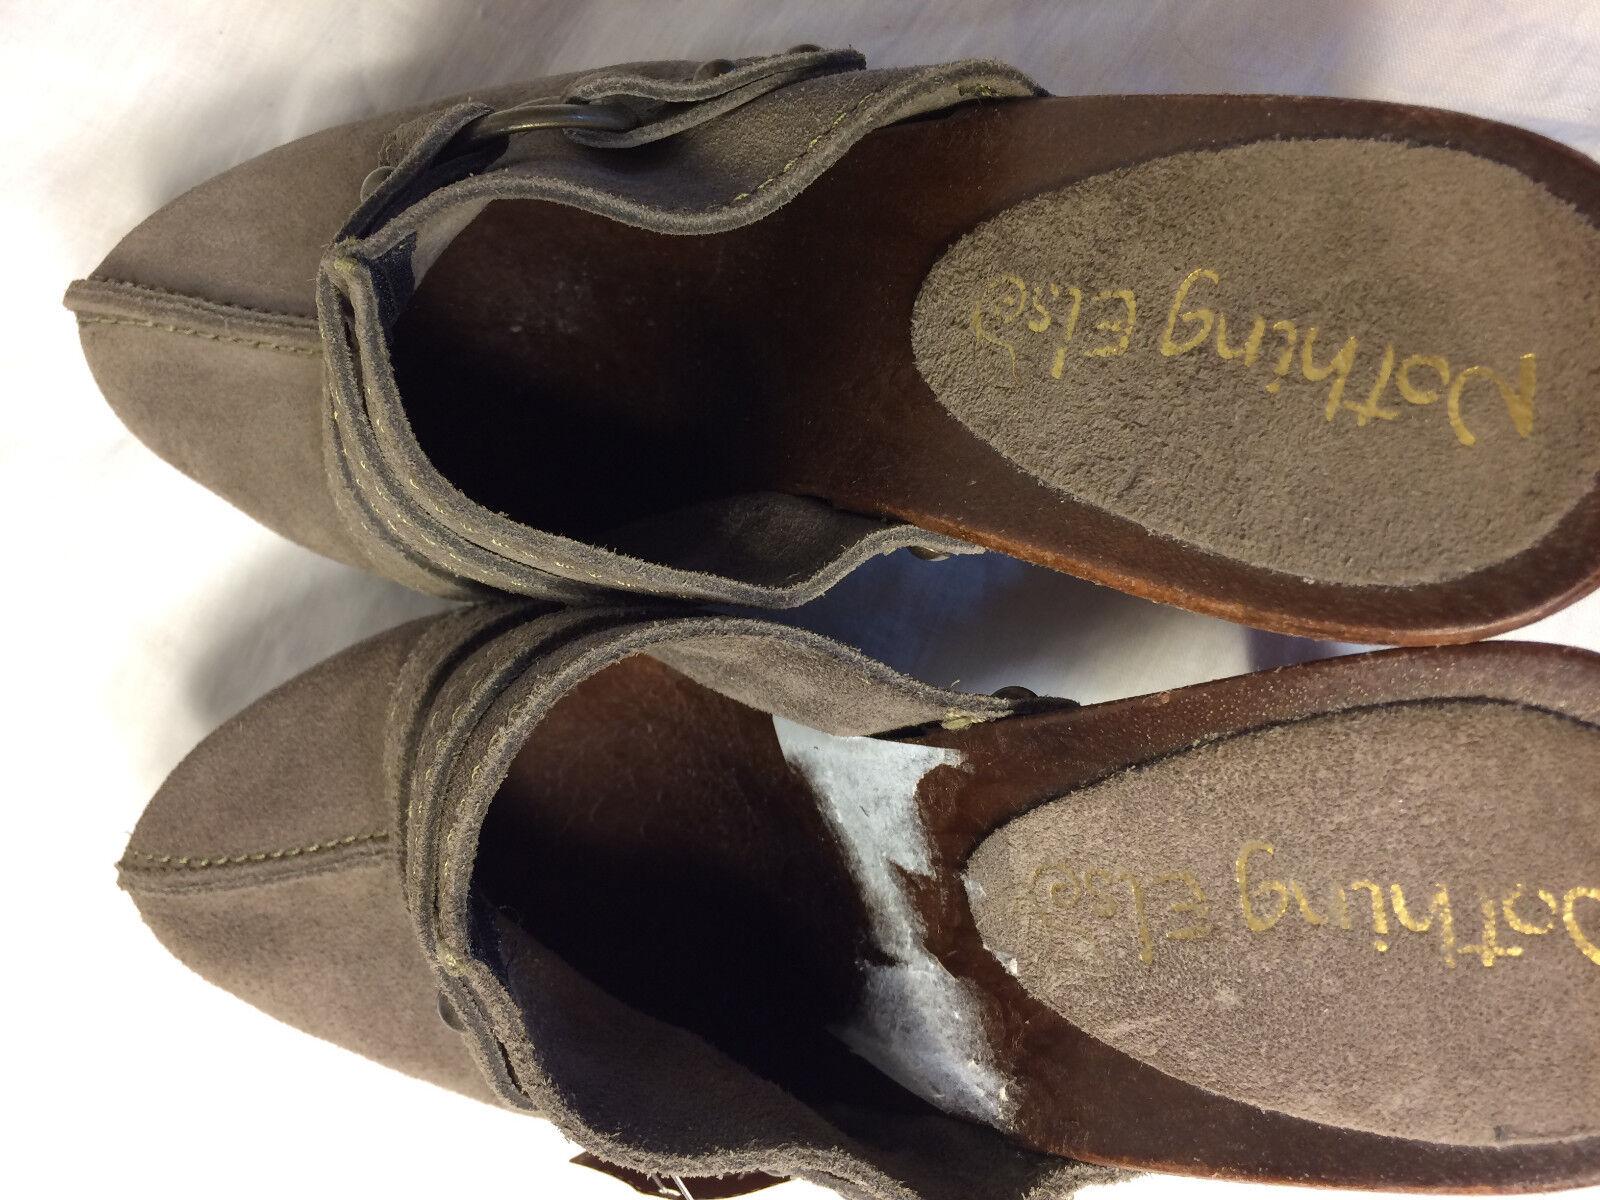 Nothing Else Mule schuhe Clog Clog Clog Wood Heel Platform grau Suede US 7.5 EU 38 damen 67f15e